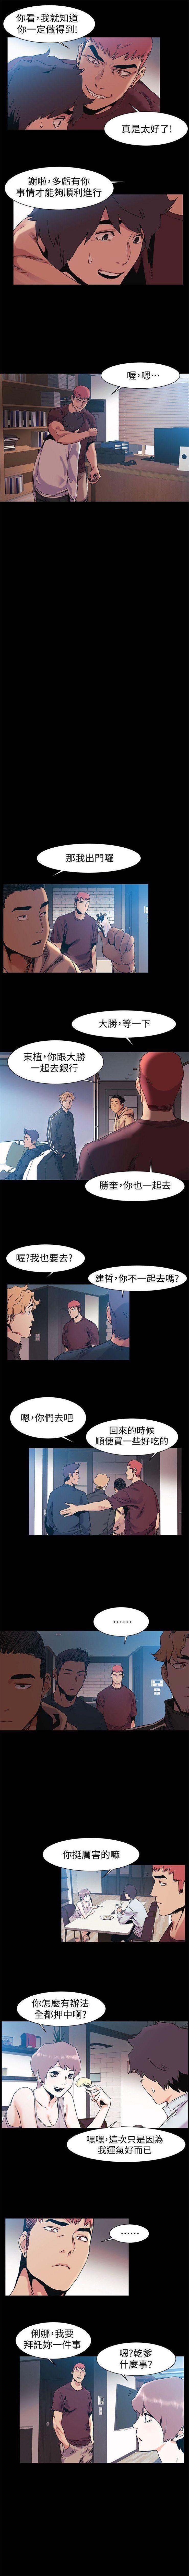 (週5)衝突 1-91 中文翻譯 (更新中) 169